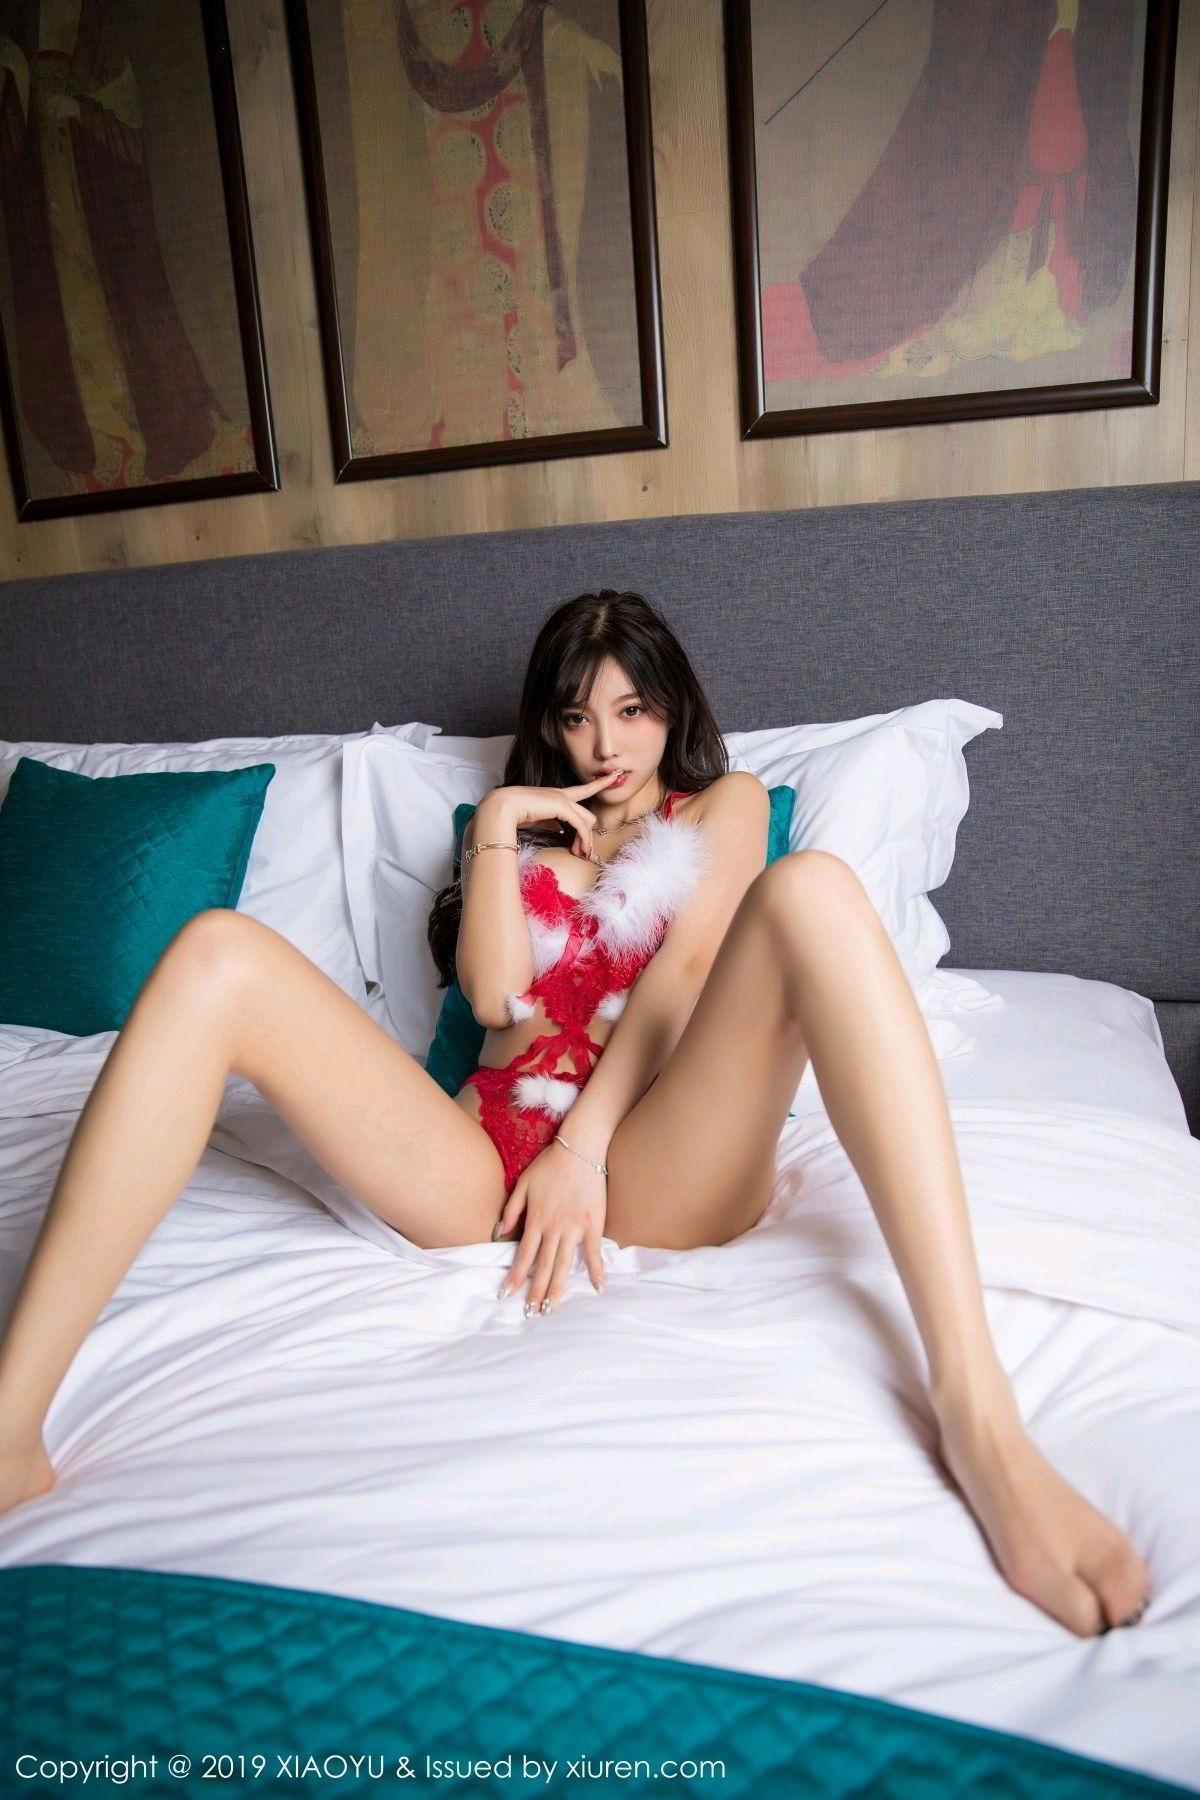 [XiaoYu] Vol.054 Yang Chen Chen 62P, Big Booty, Underwear, XiaoYu, Yang Chen Chen